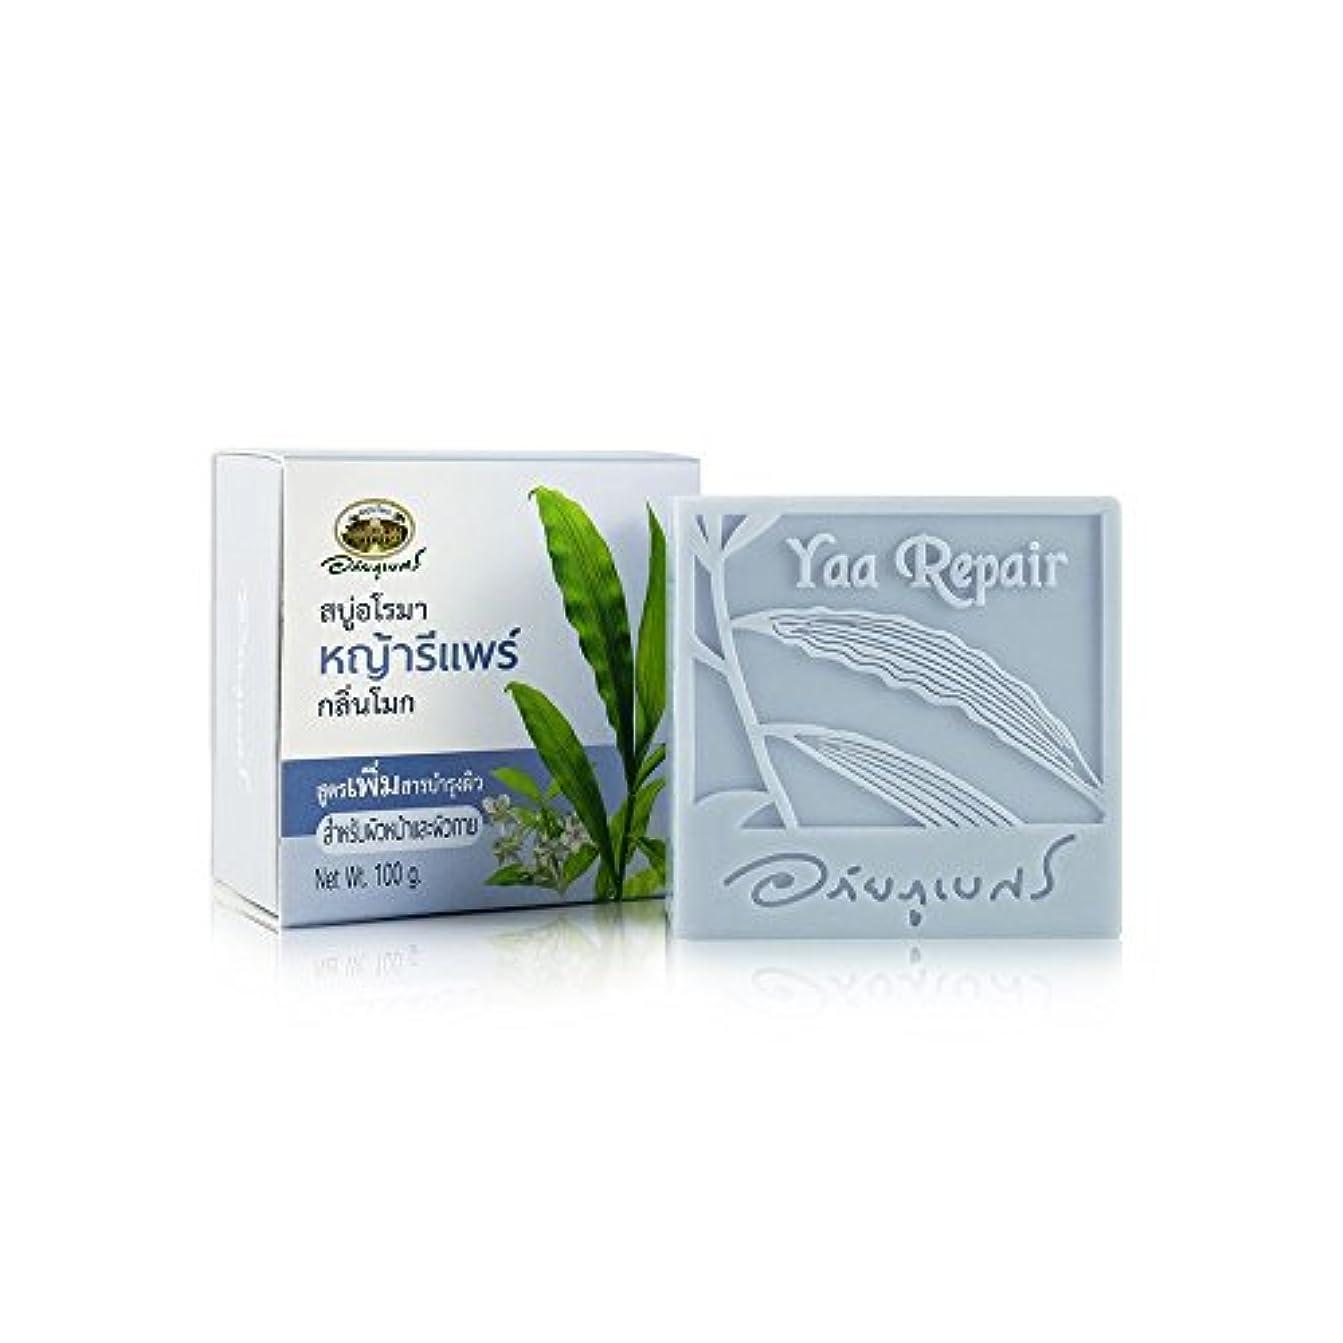 反対した告白滅多Abhaibhubejhr Thai Aromatherapy With Moke Flower Skin Care Formula Herbal Body Face Cleaning Soap 100g. Abhaibhubejhr...